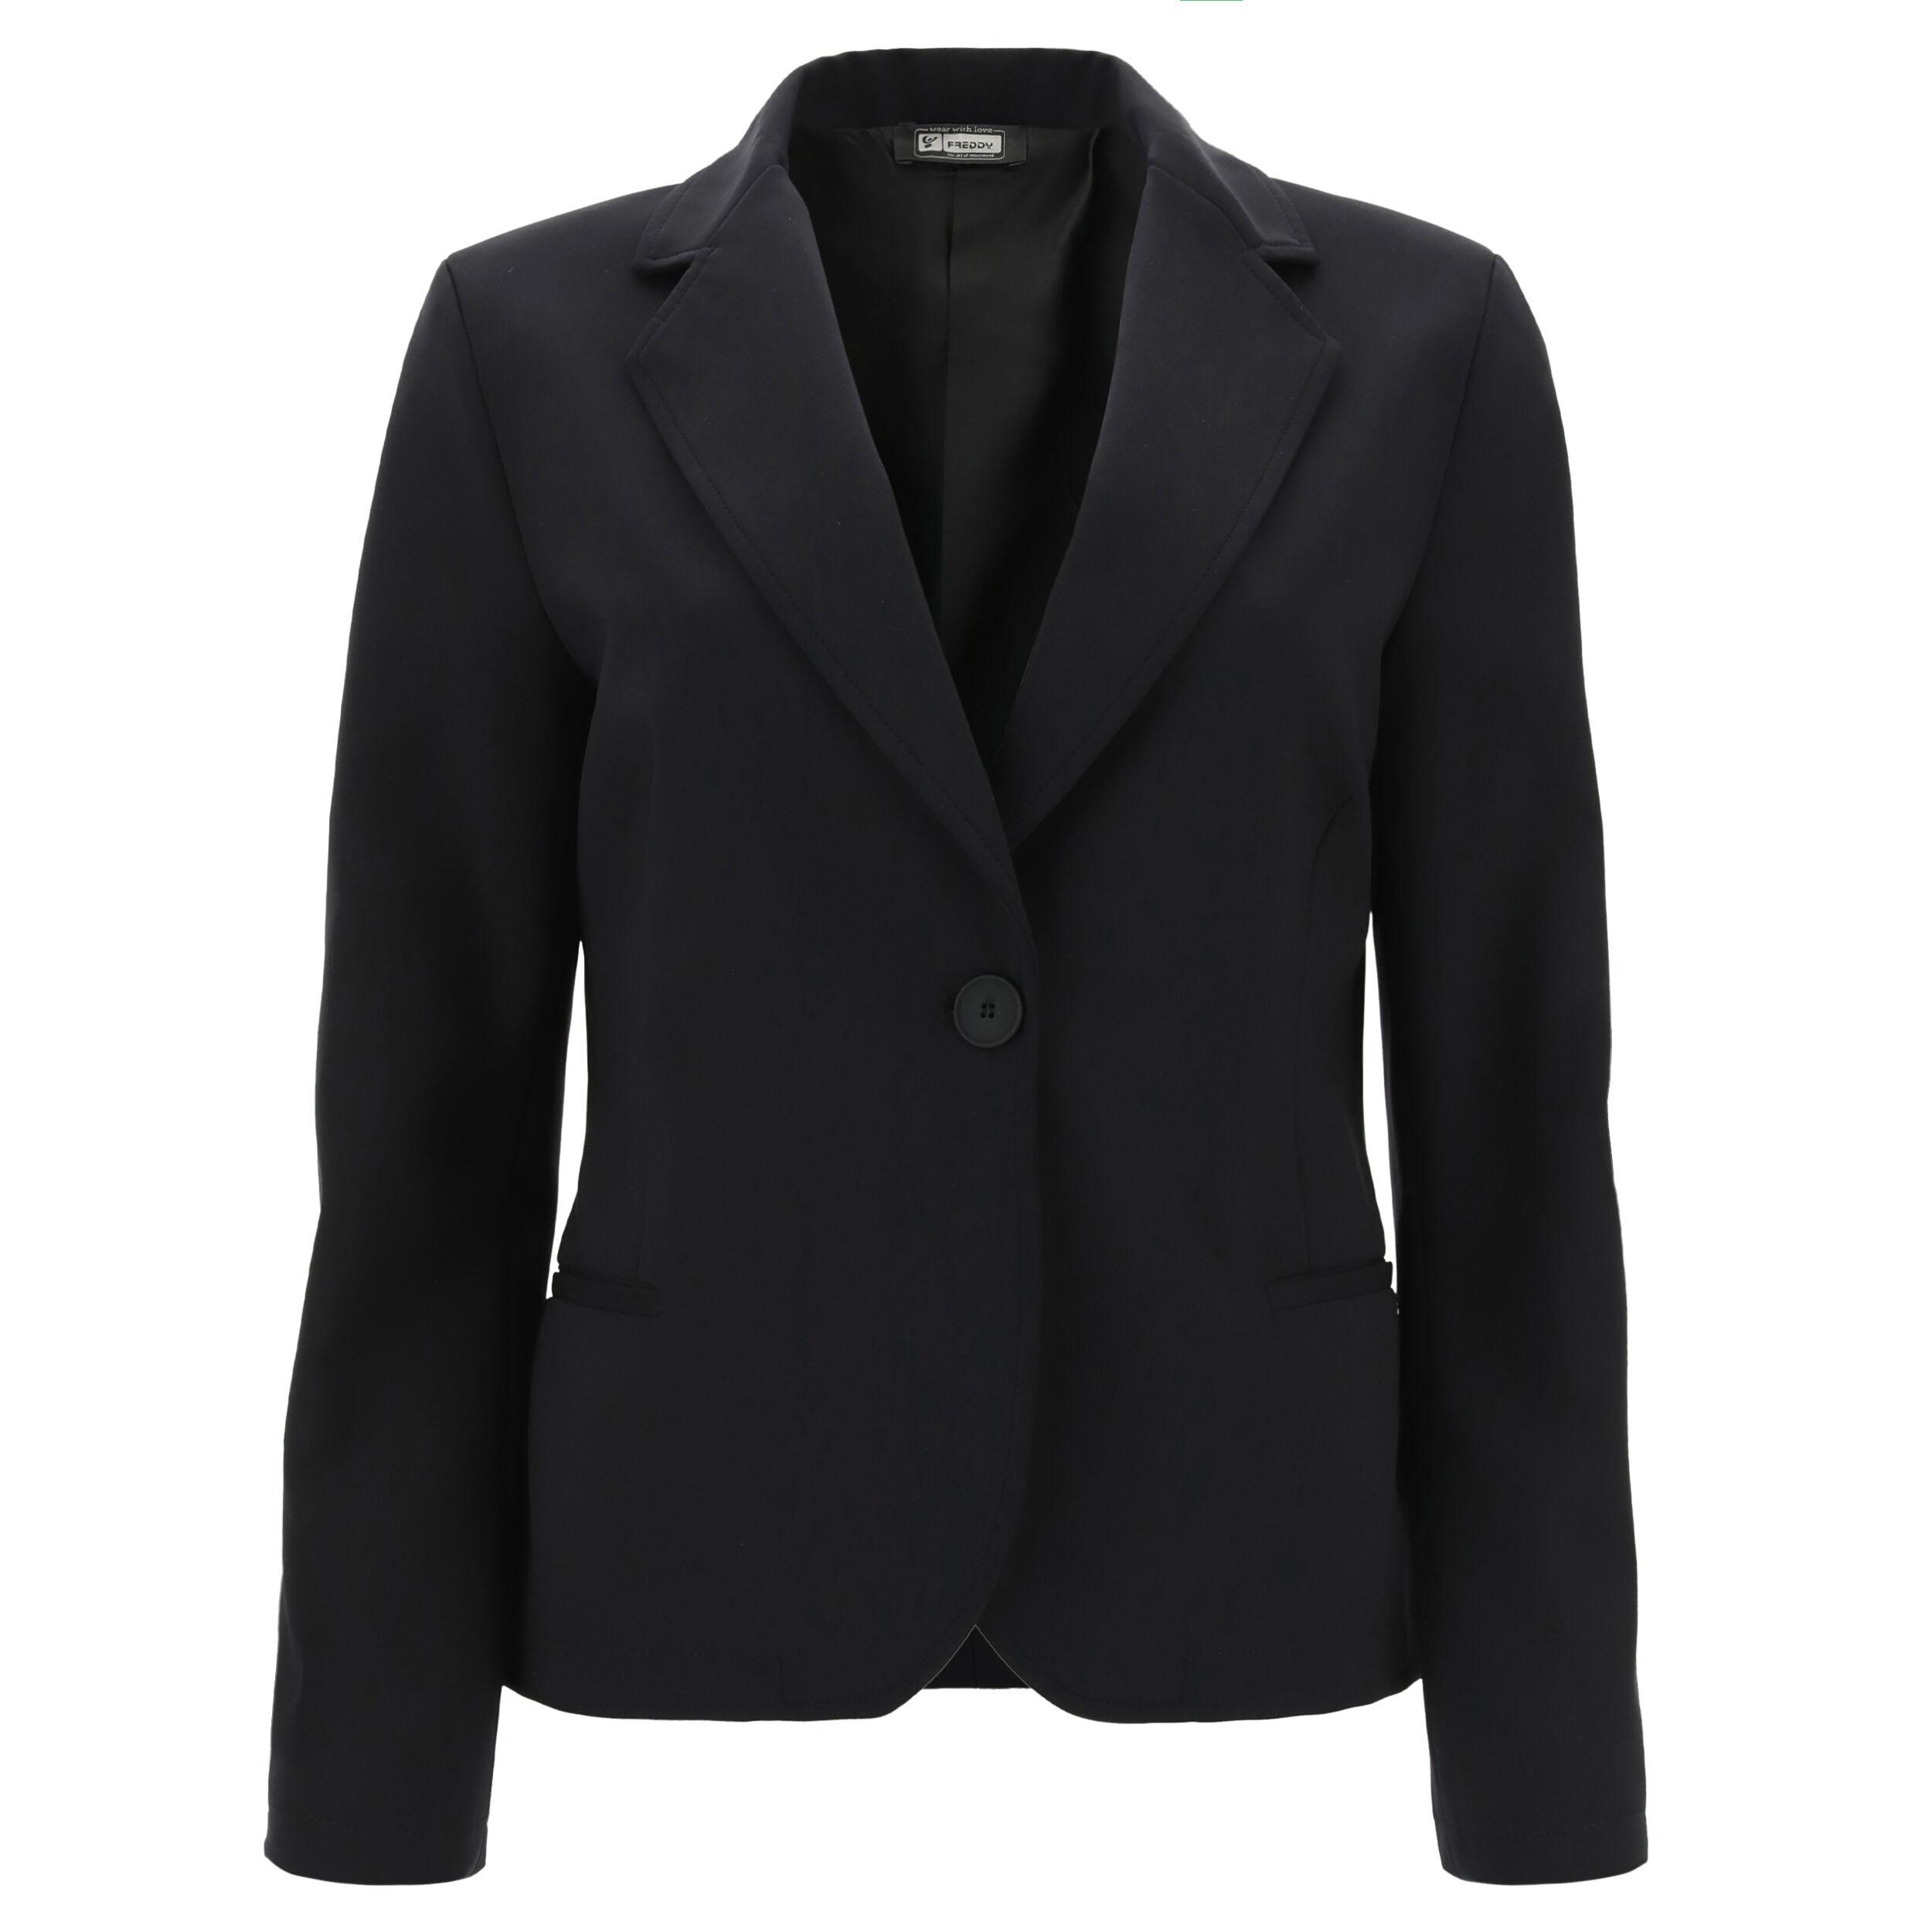 freddy blazer da donna monocolore taglio morbido nero